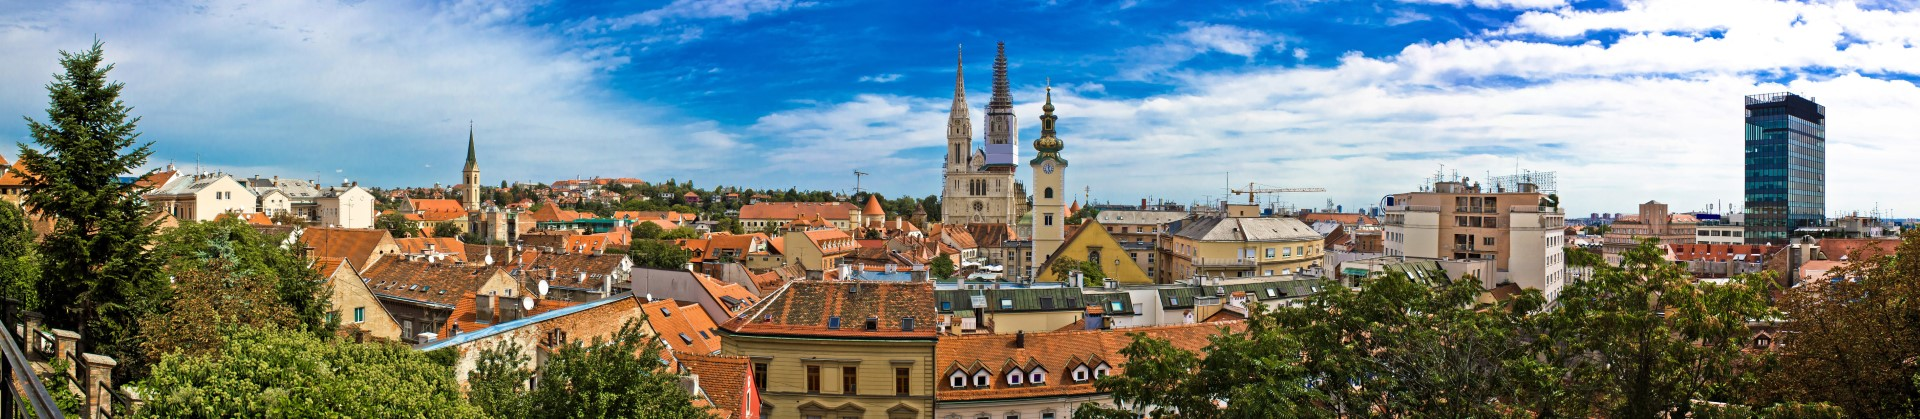 Vue panoramique de la vieille ville